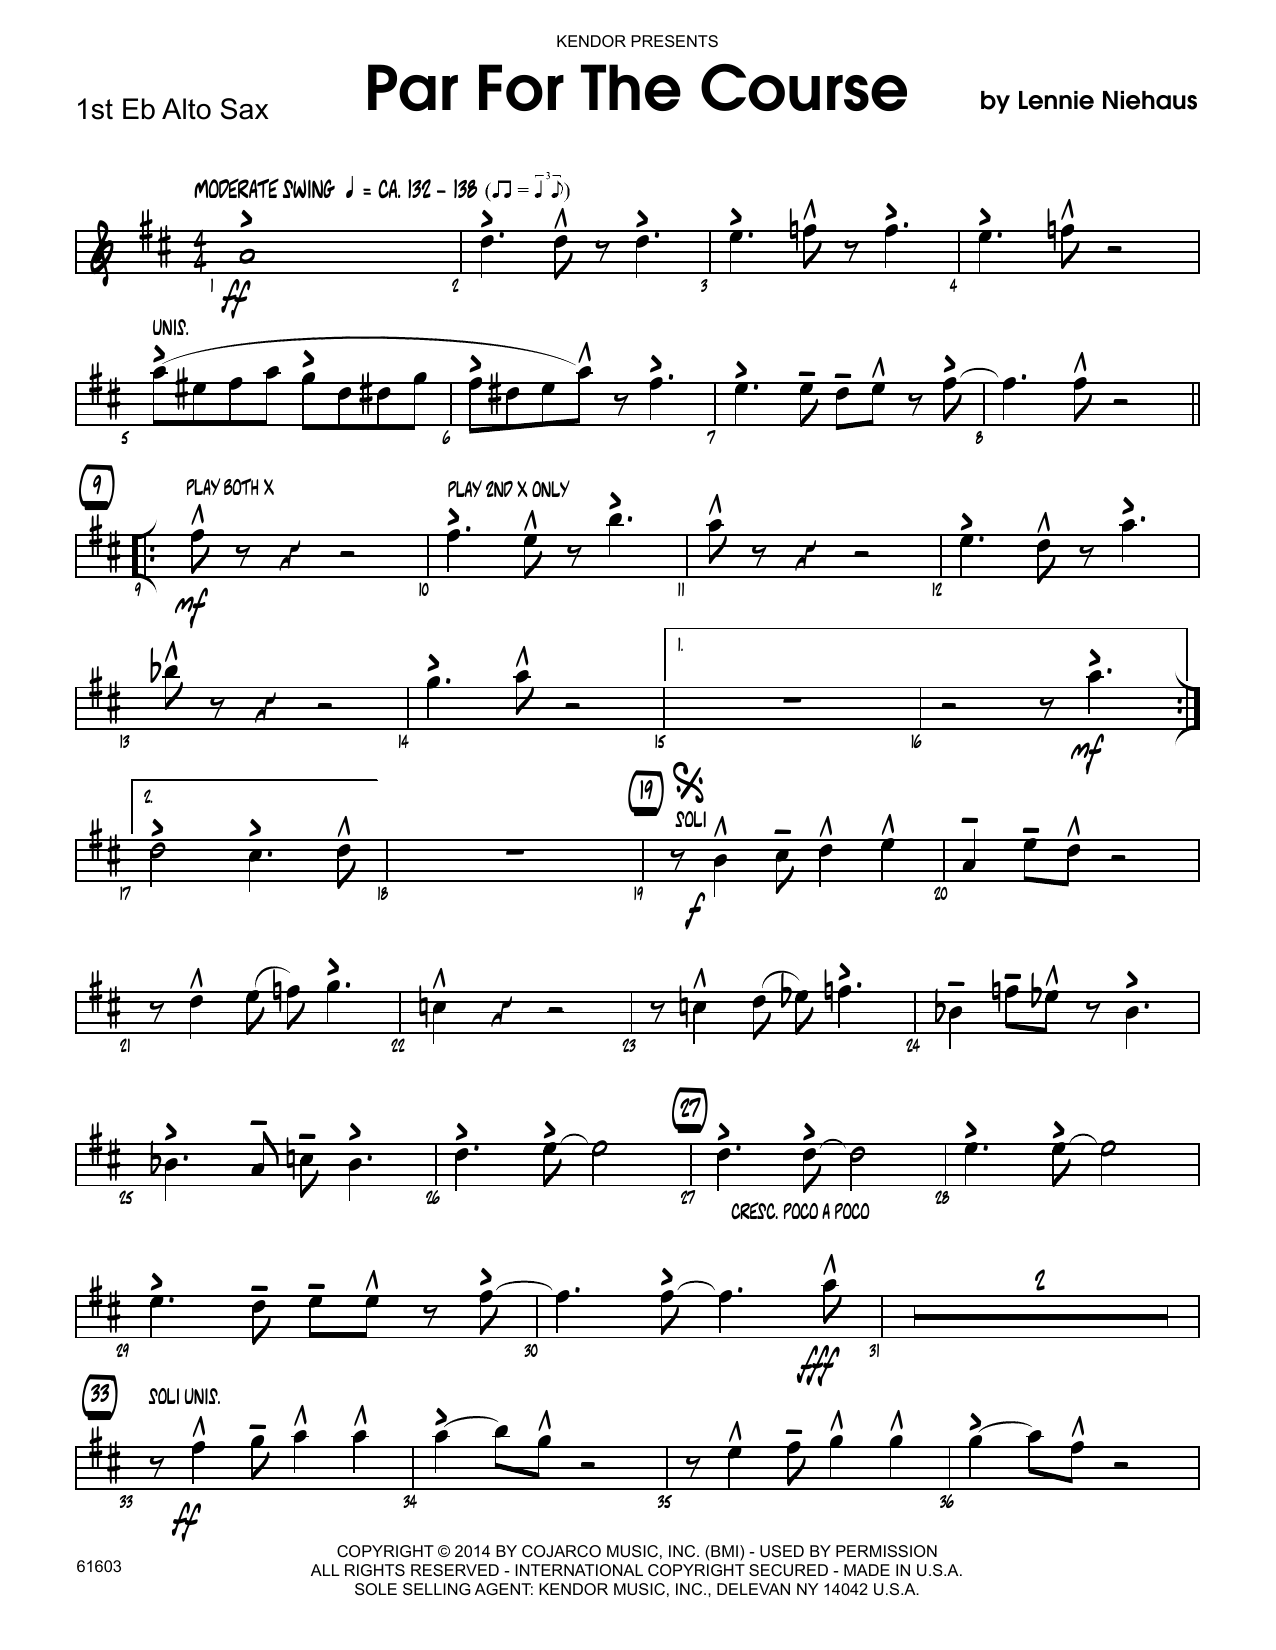 Par For The Course - 1st Eb Alto Saxophone